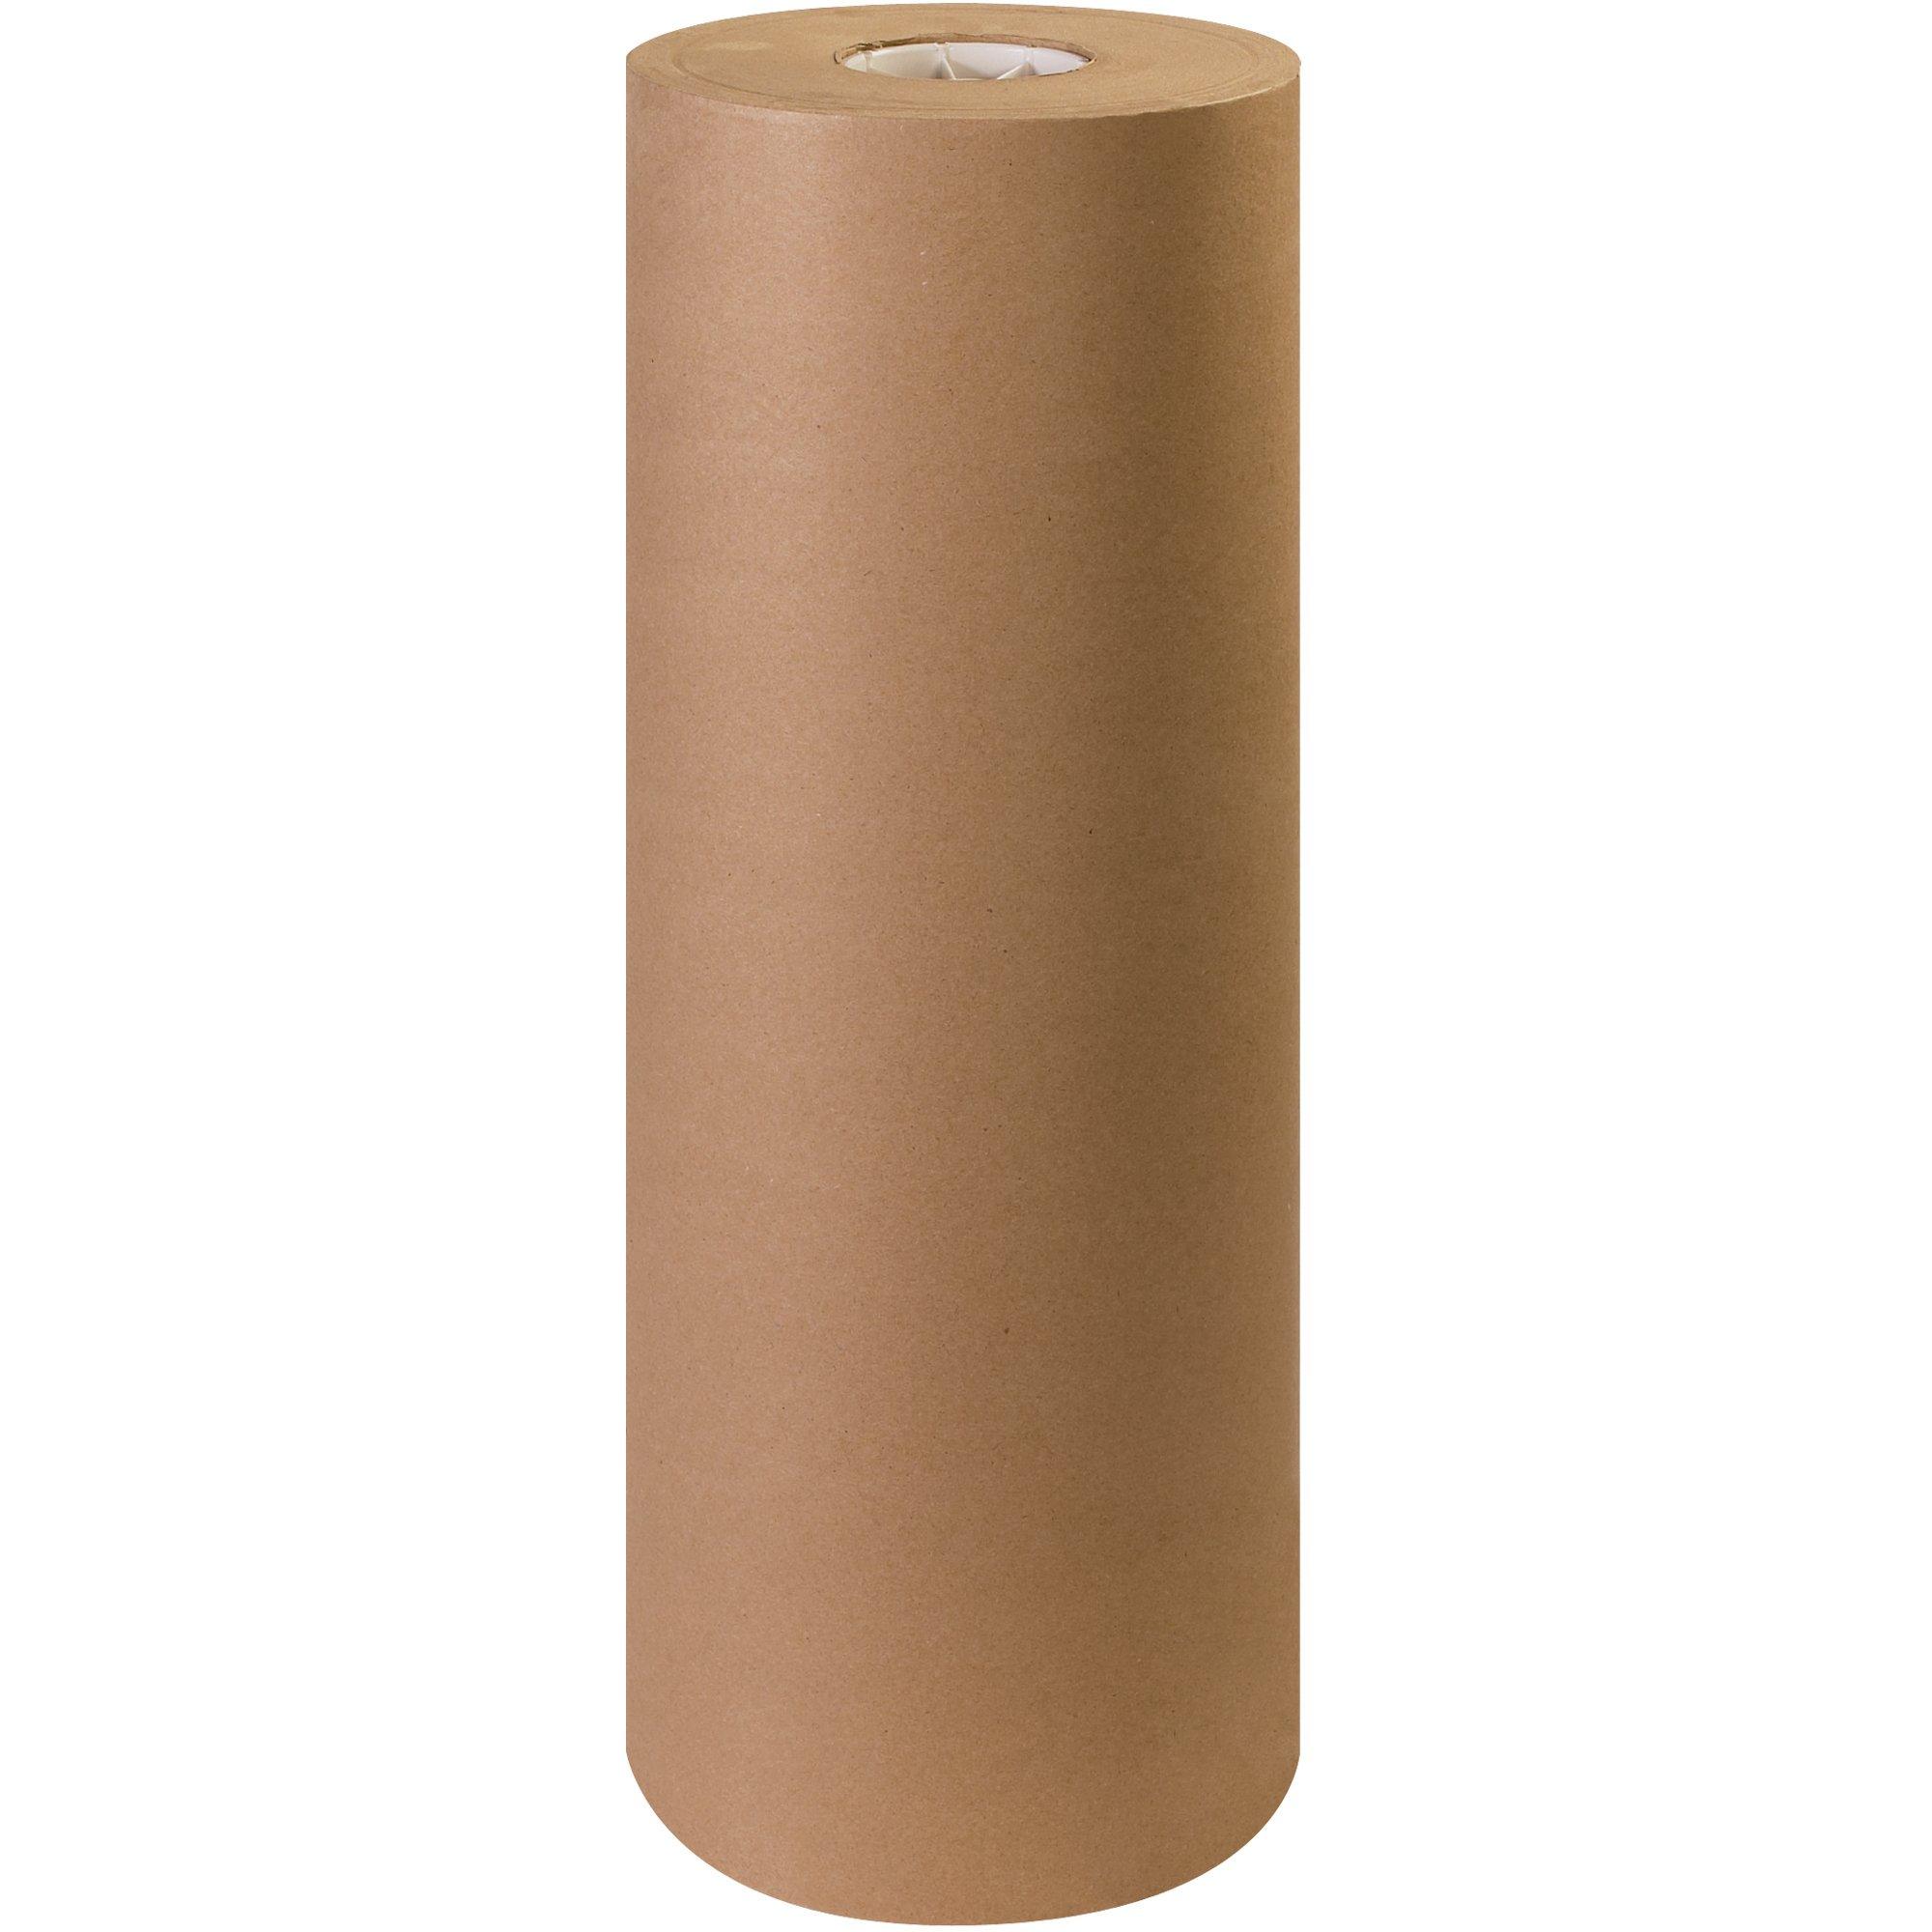 Aviditi KP2450 Fiber 50# Paper Roll, 720' Length x 24'' Width, Kraft by Aviditi